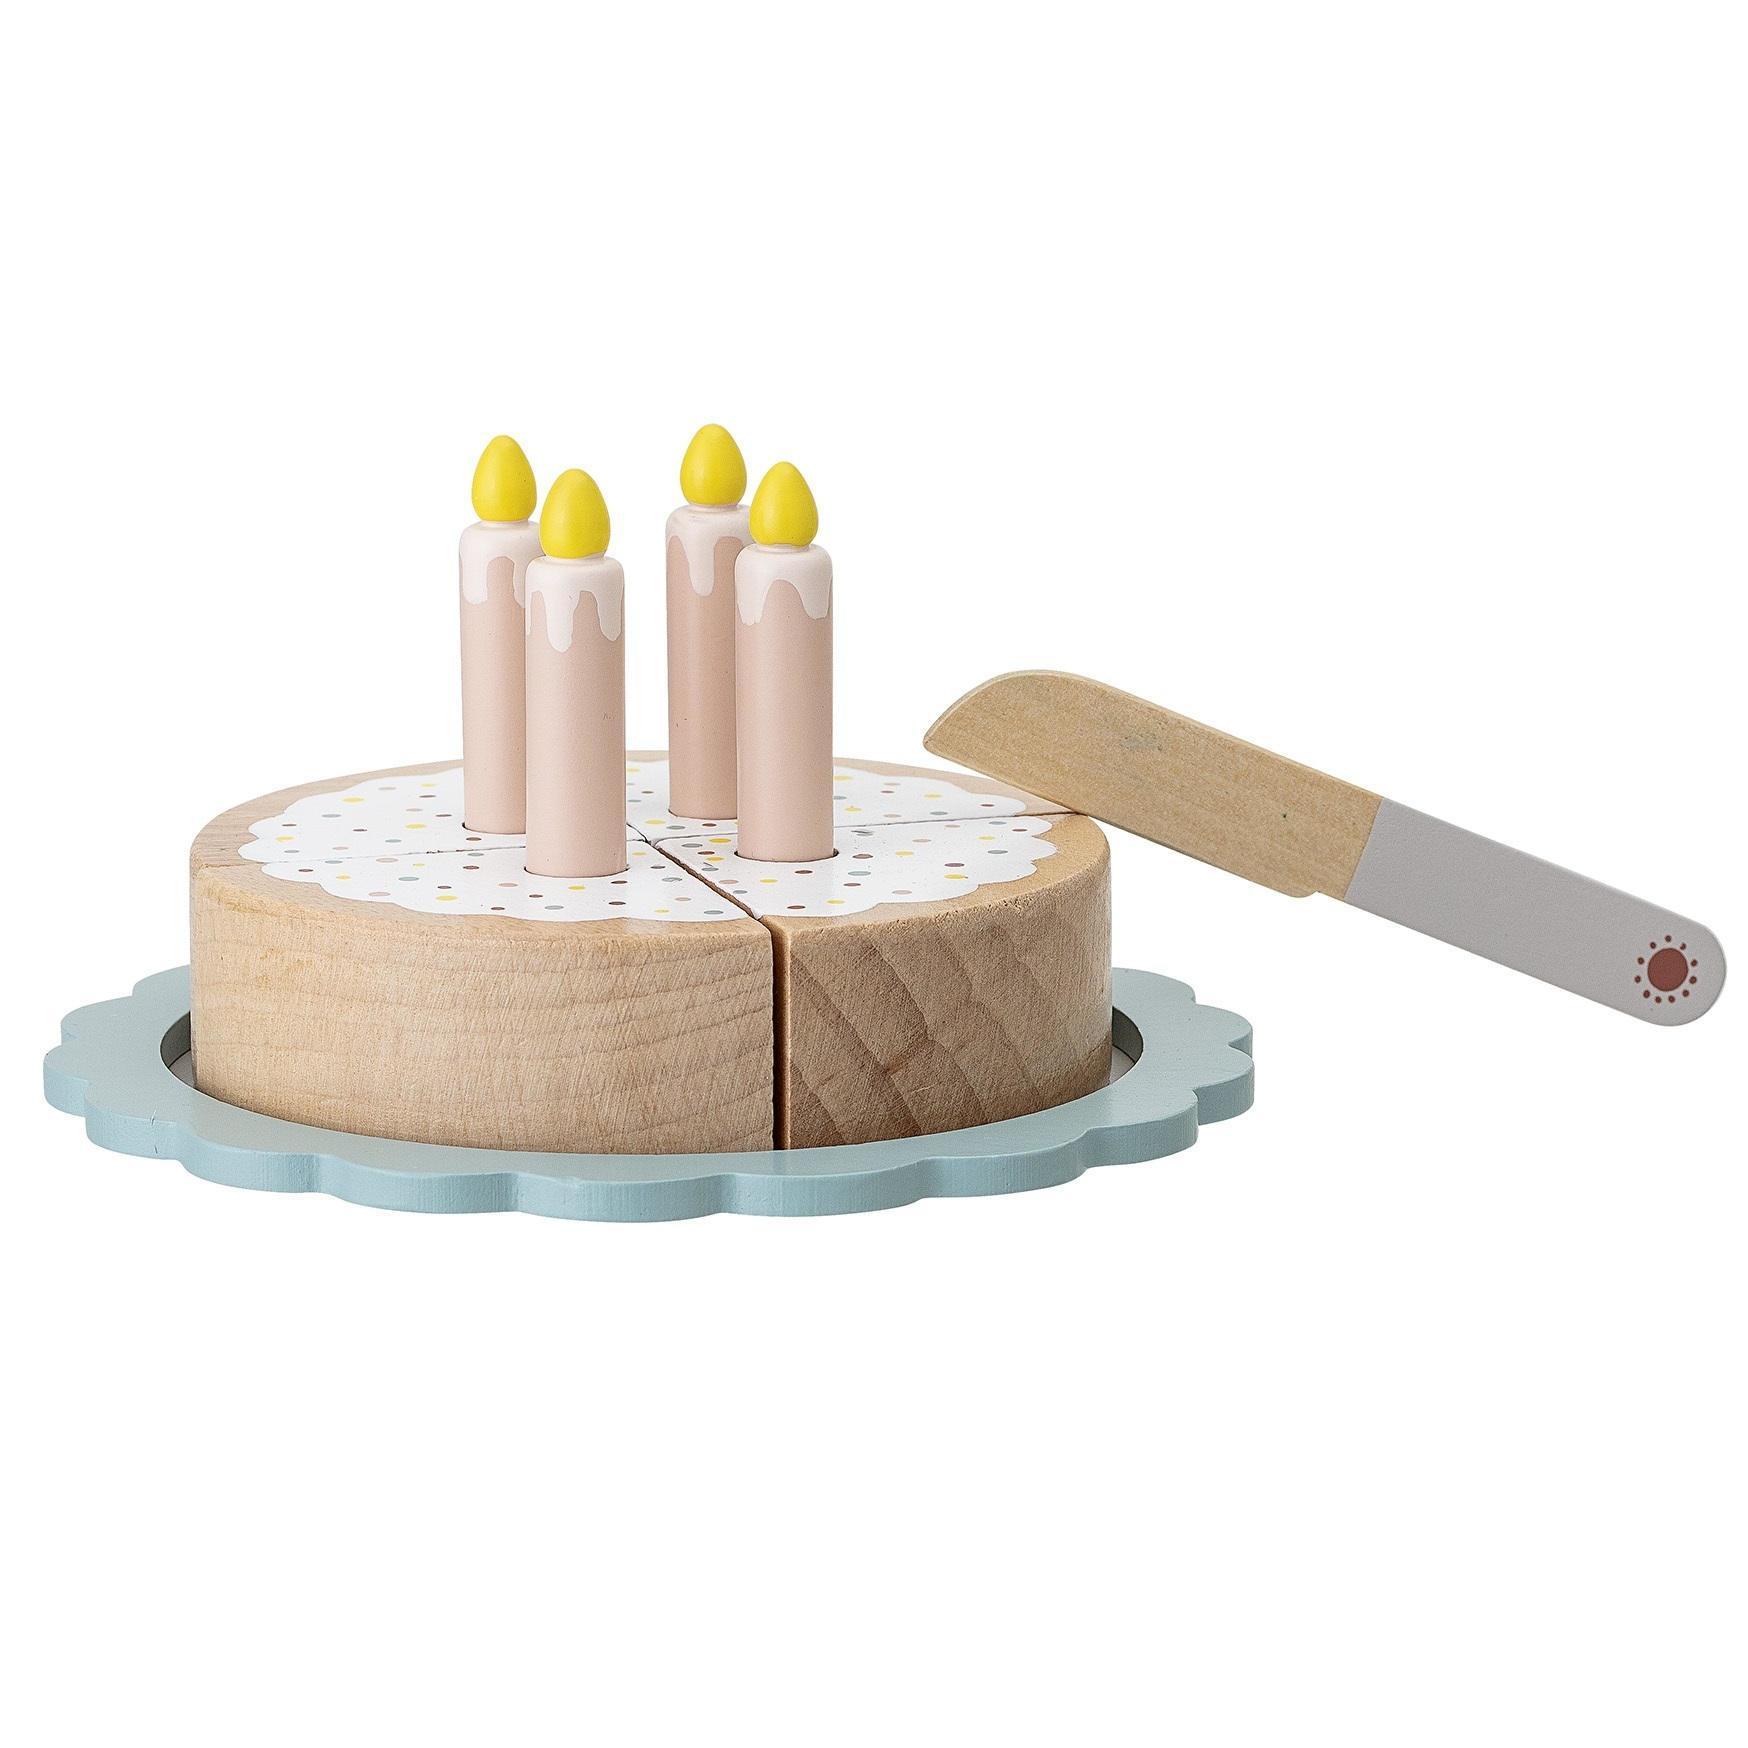 Bloomingville Dřevěná hračka - narozeninový dort, multi barva, dřevo